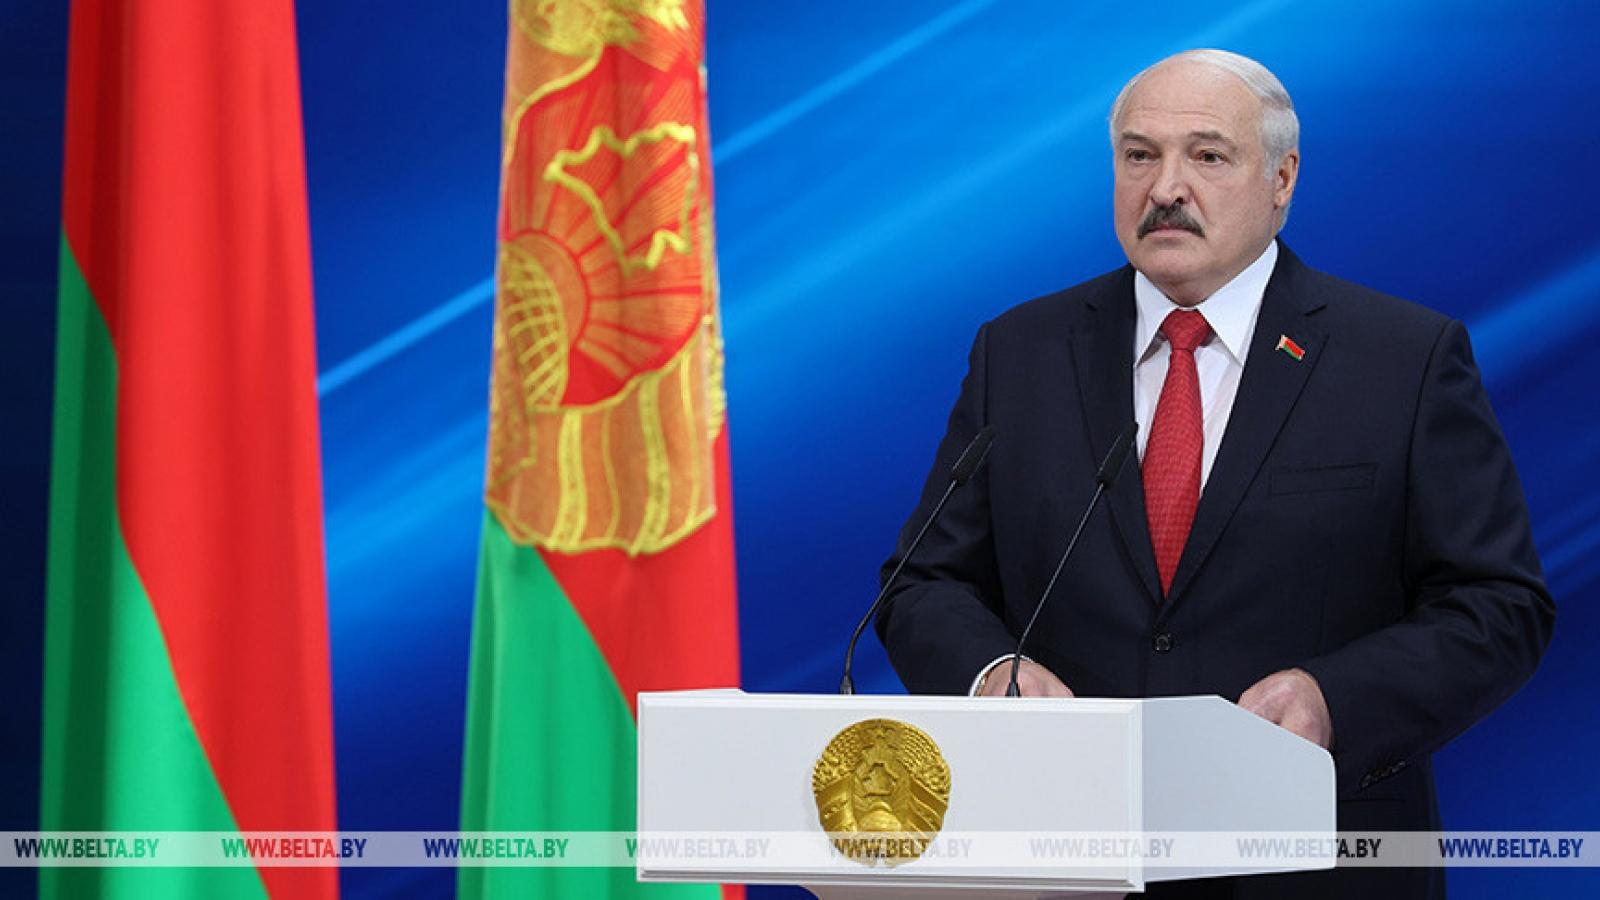 Belarusđóng cửa hoàn toàn biên giới với Ukraina